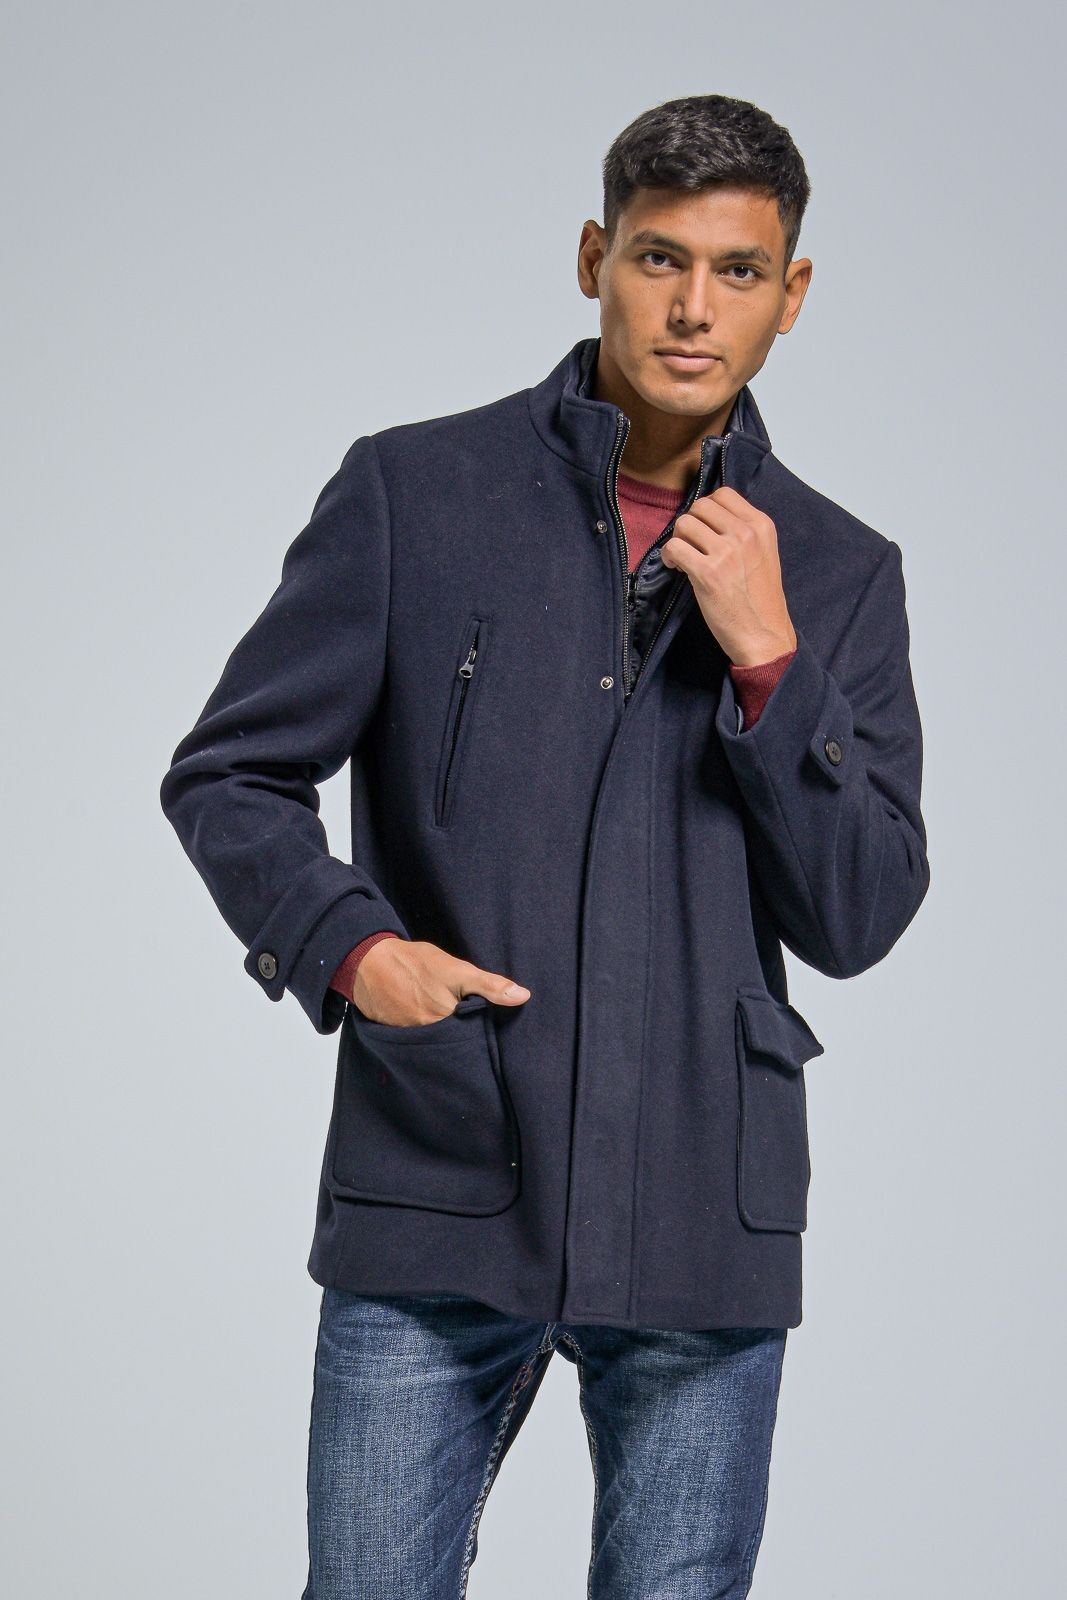 Μάλλινο Ανδρικό Παλτό με Γιλέκο σε Μπλε Χρώμα